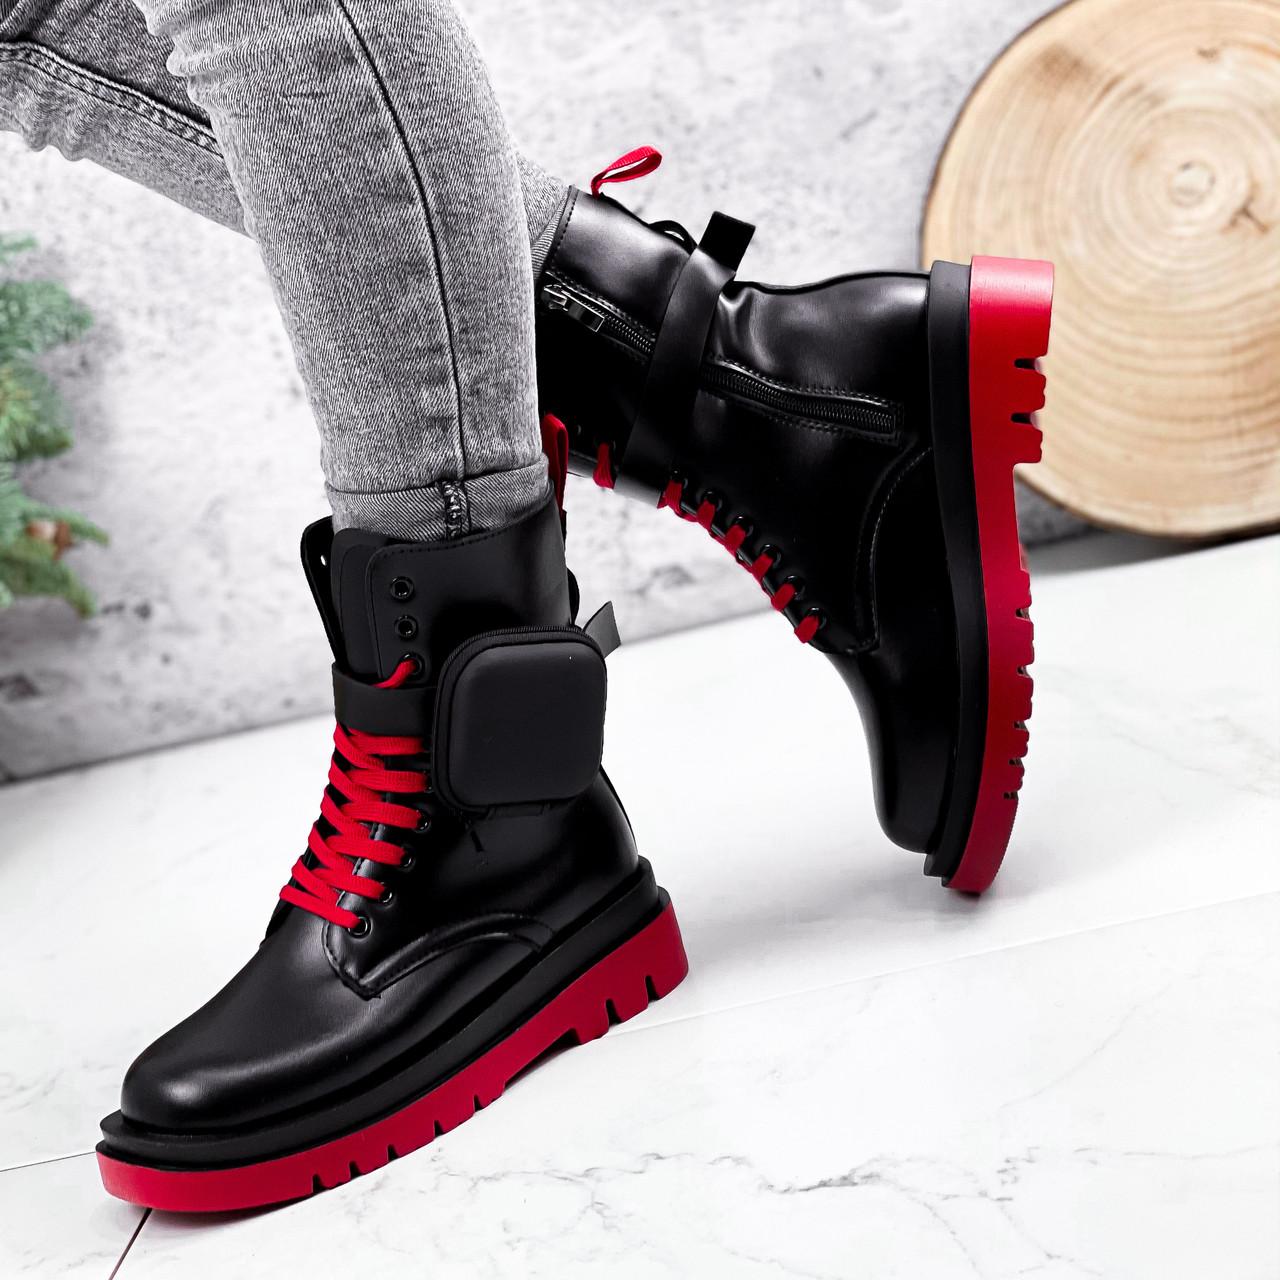 Ботинки женские Emma черные с красным ДЕМИ 2728